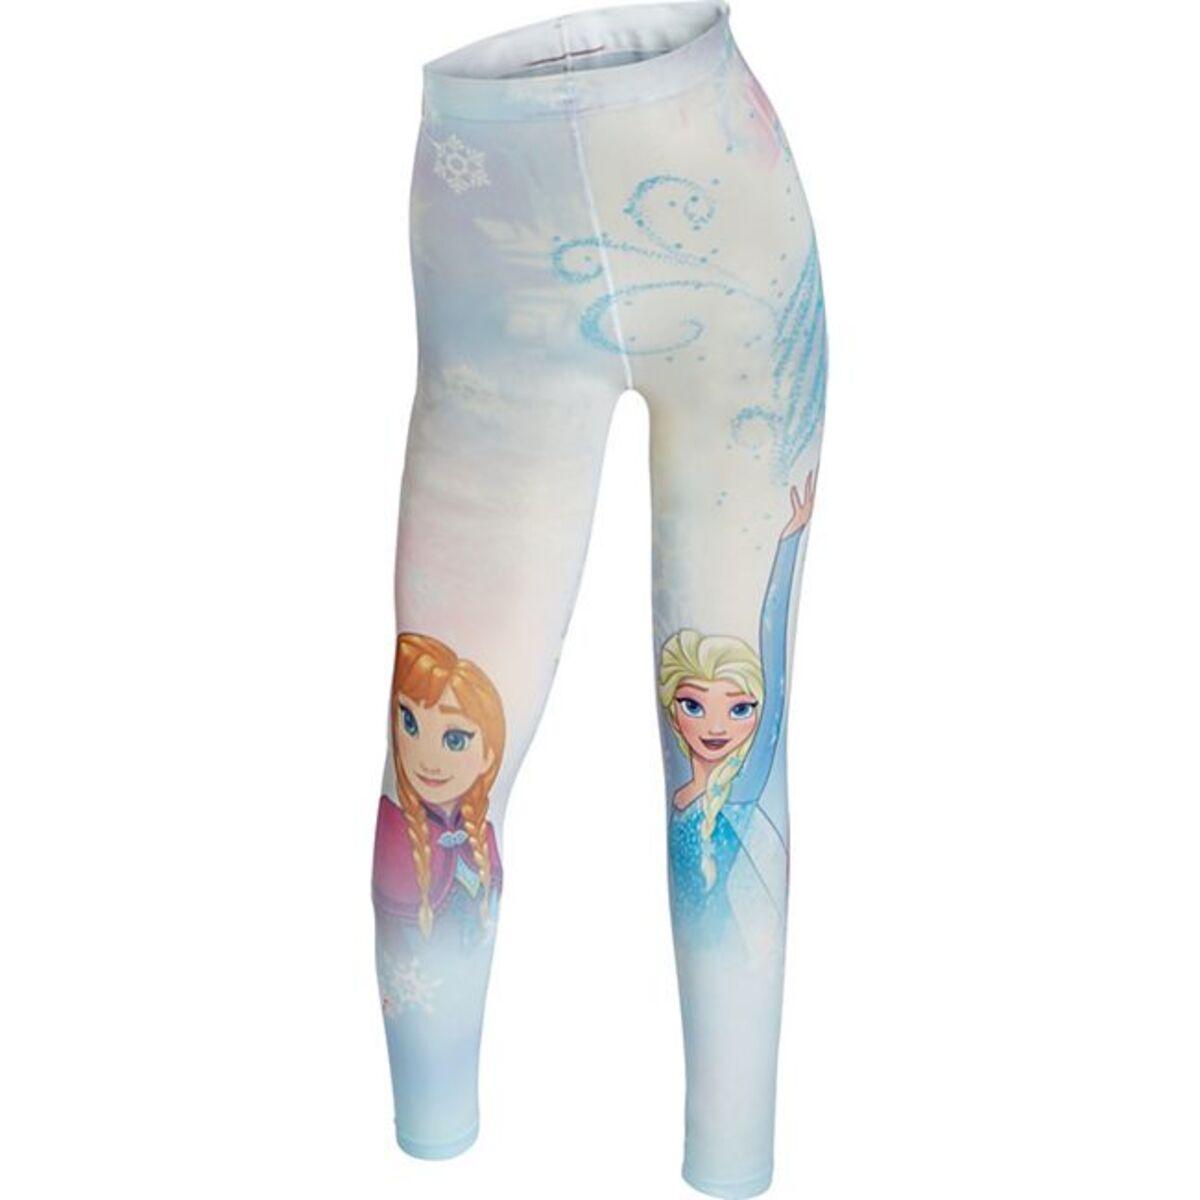 Bild 1 von Mädchen Legging Frozen Anna & Elsa, Größe 92/98